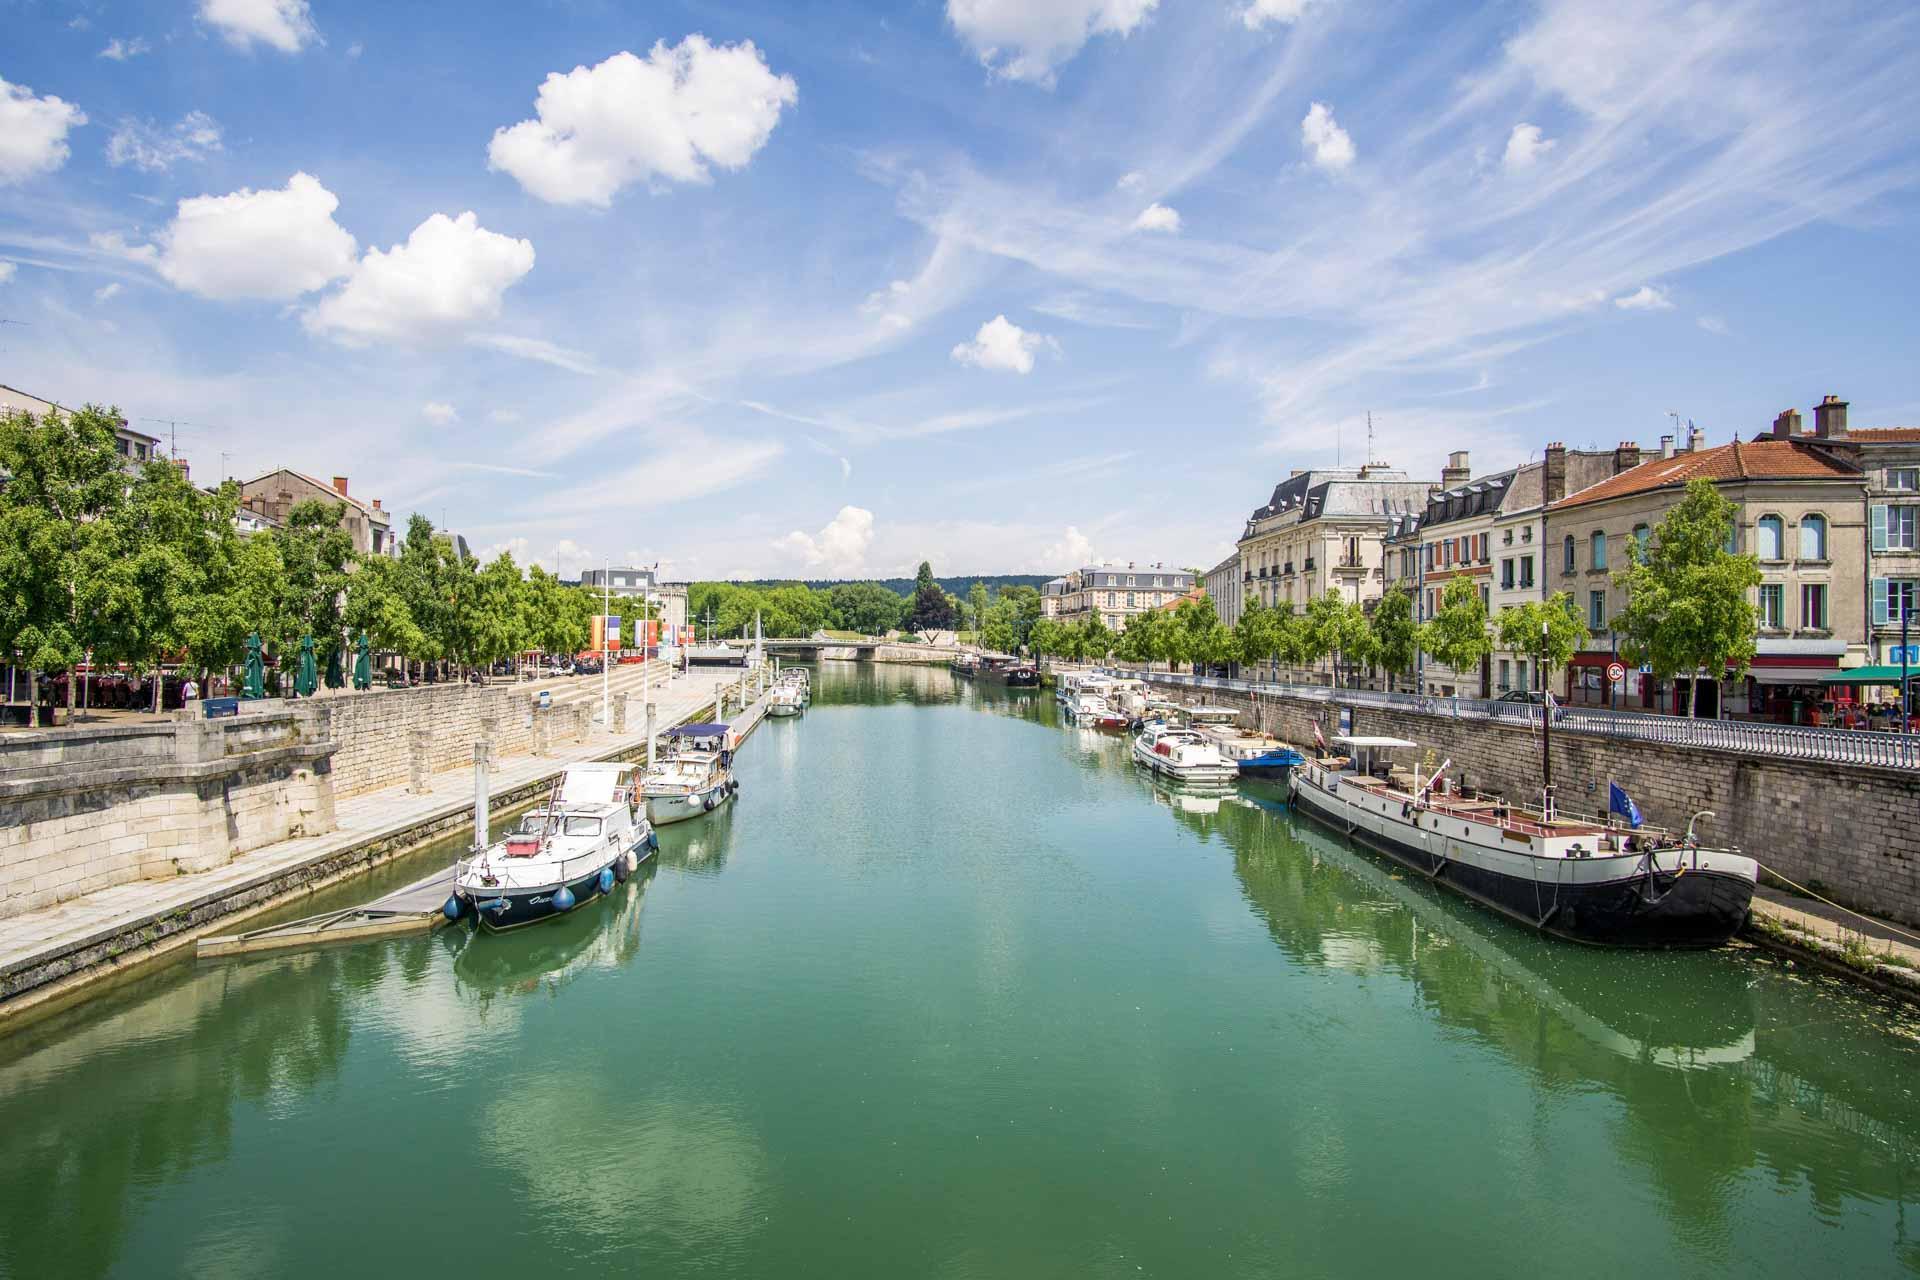 Les quais de Meuse à Verdun © Ekim — AdobeStock